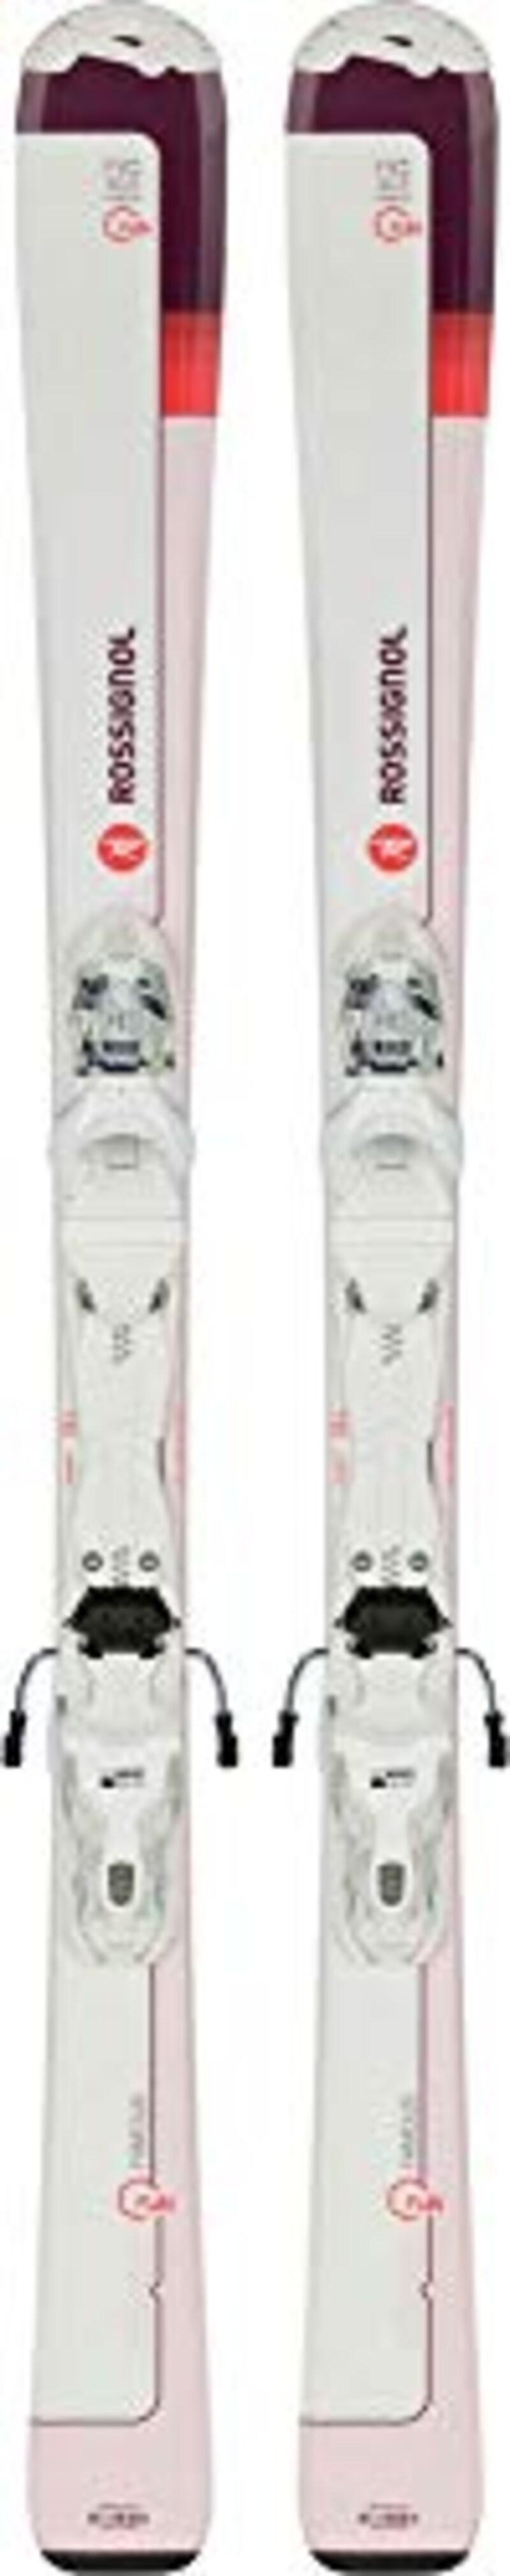 ロシニョール(ROSSIGNOL),ジュニア スキー板 ビンディングセット